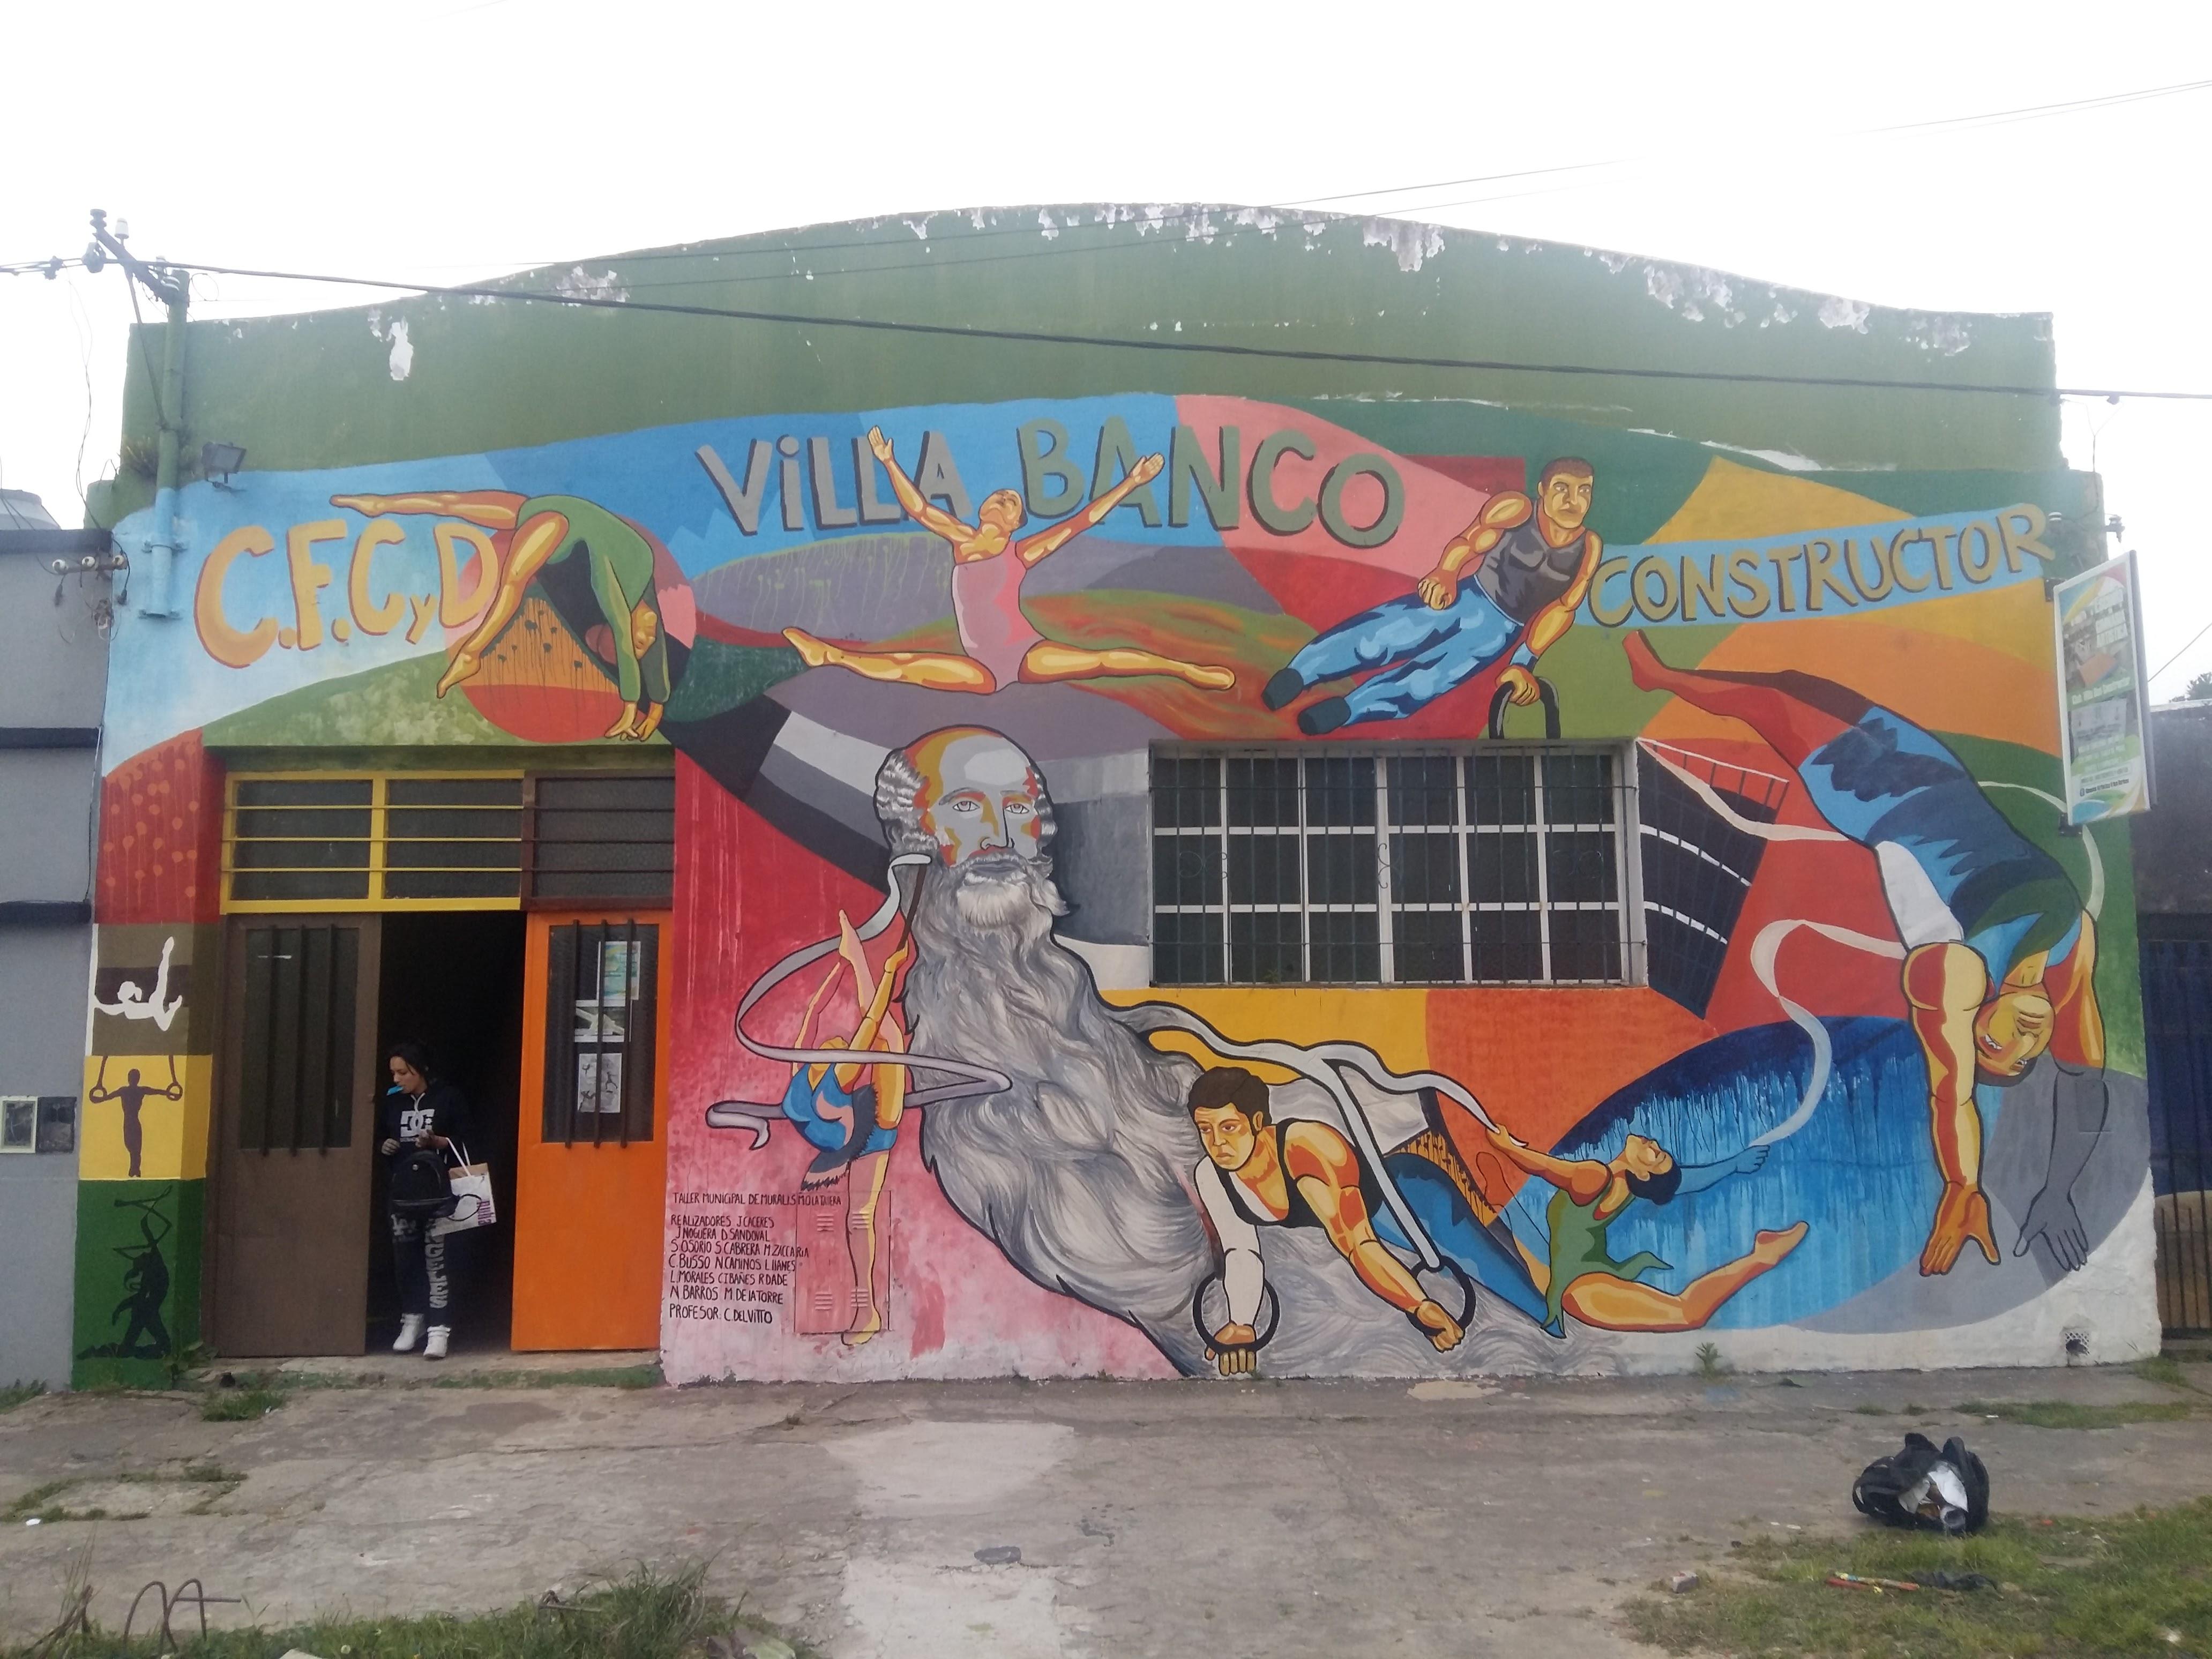 """La Dirección de Cultura de la Municipalidad de Berisso, a través del Taller Municipal de Muralismo """"La tallera"""", a cargo del profesor Cristian Del Vitto, trabajó en un nuevo mural en los muros del Club Villa Banco Constructor."""